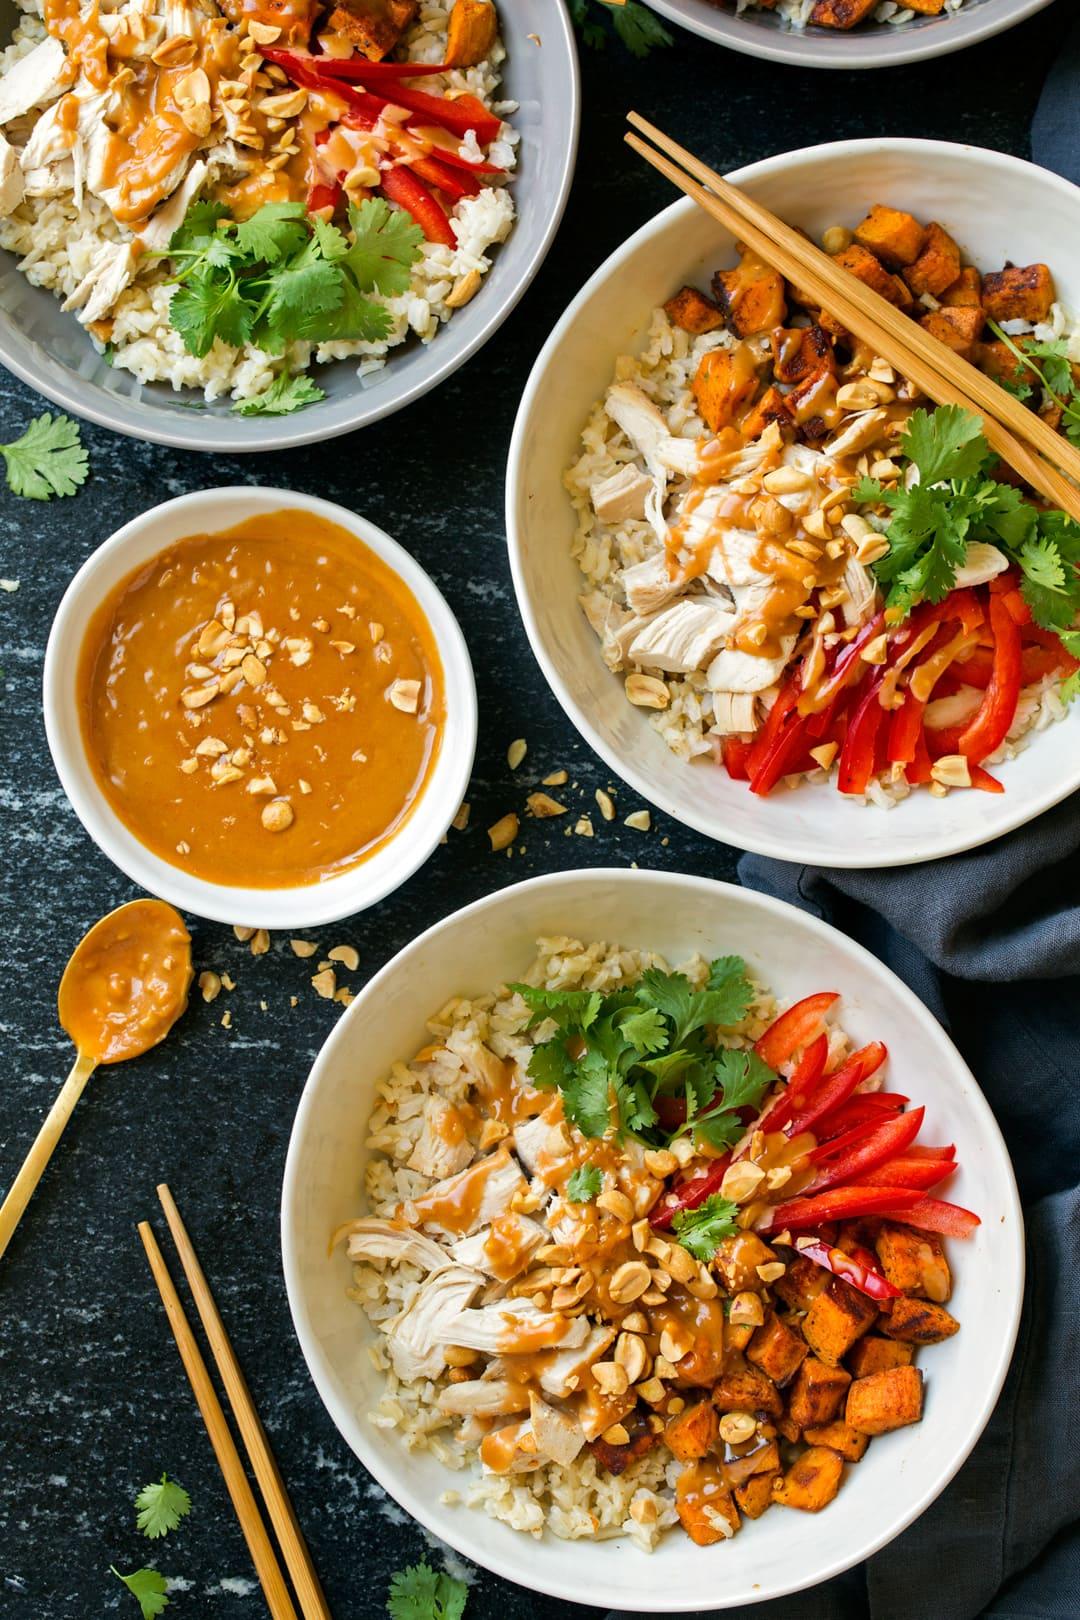 Chicken Veggie Brown Rice Bowls with Peanut Sauce